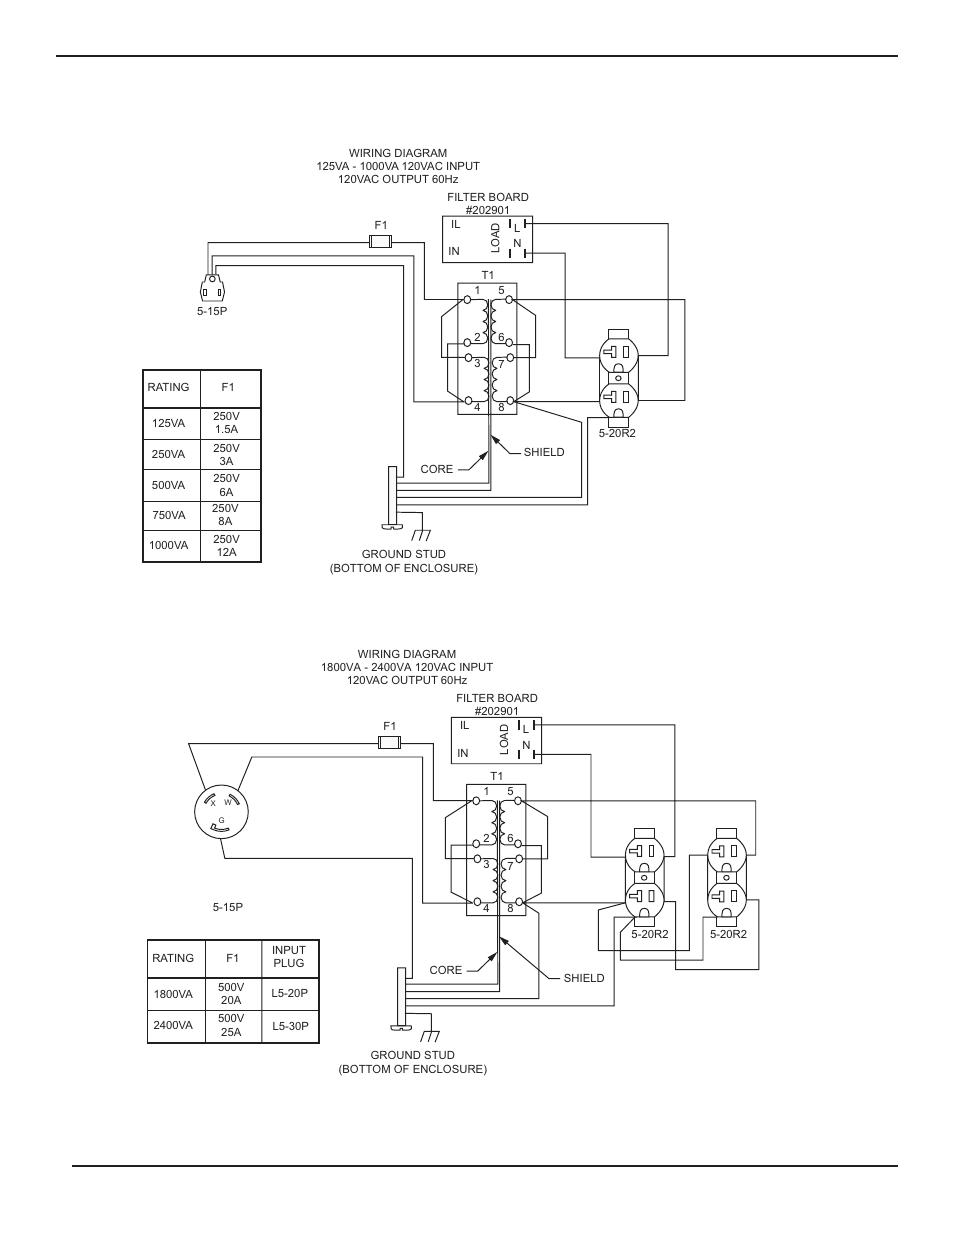 1  Wiring Diagram For 125va